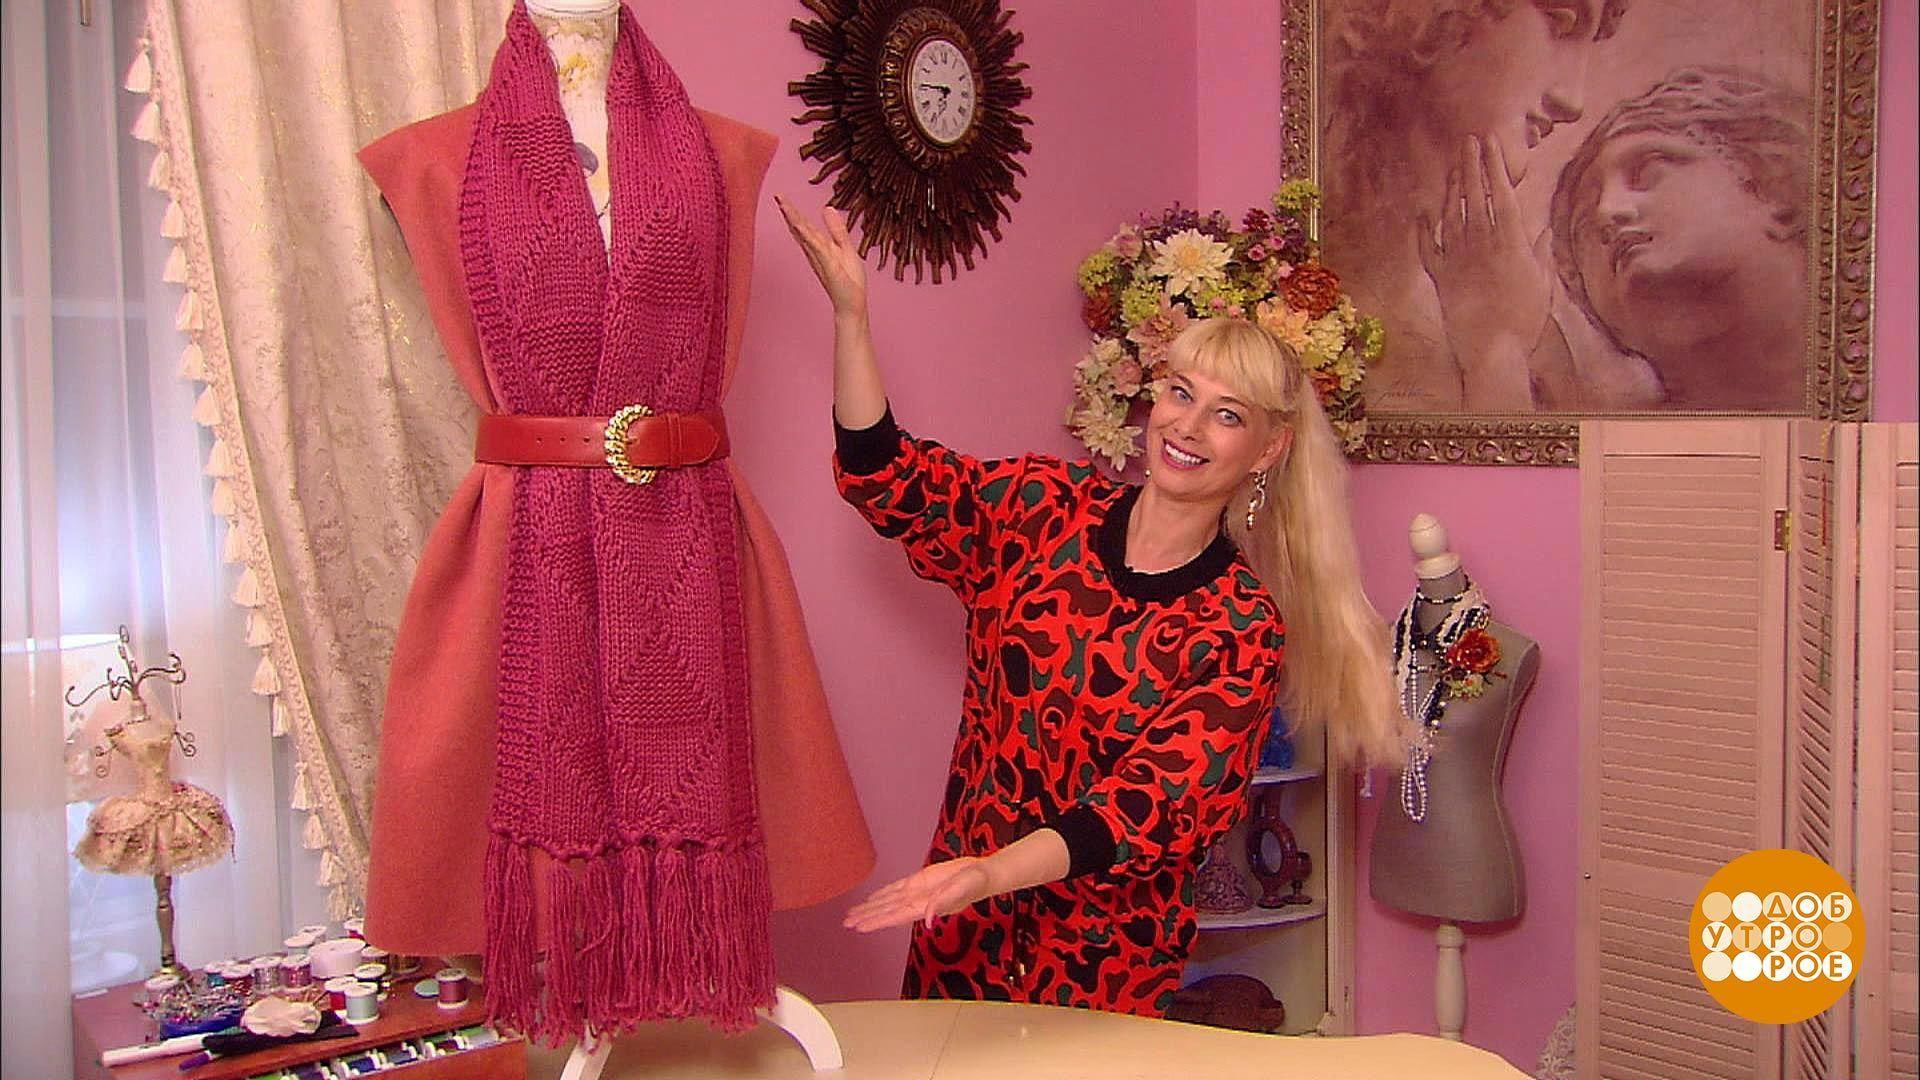 Учимся быстро и без выкройки по видео урокам шить платье своими руками 13